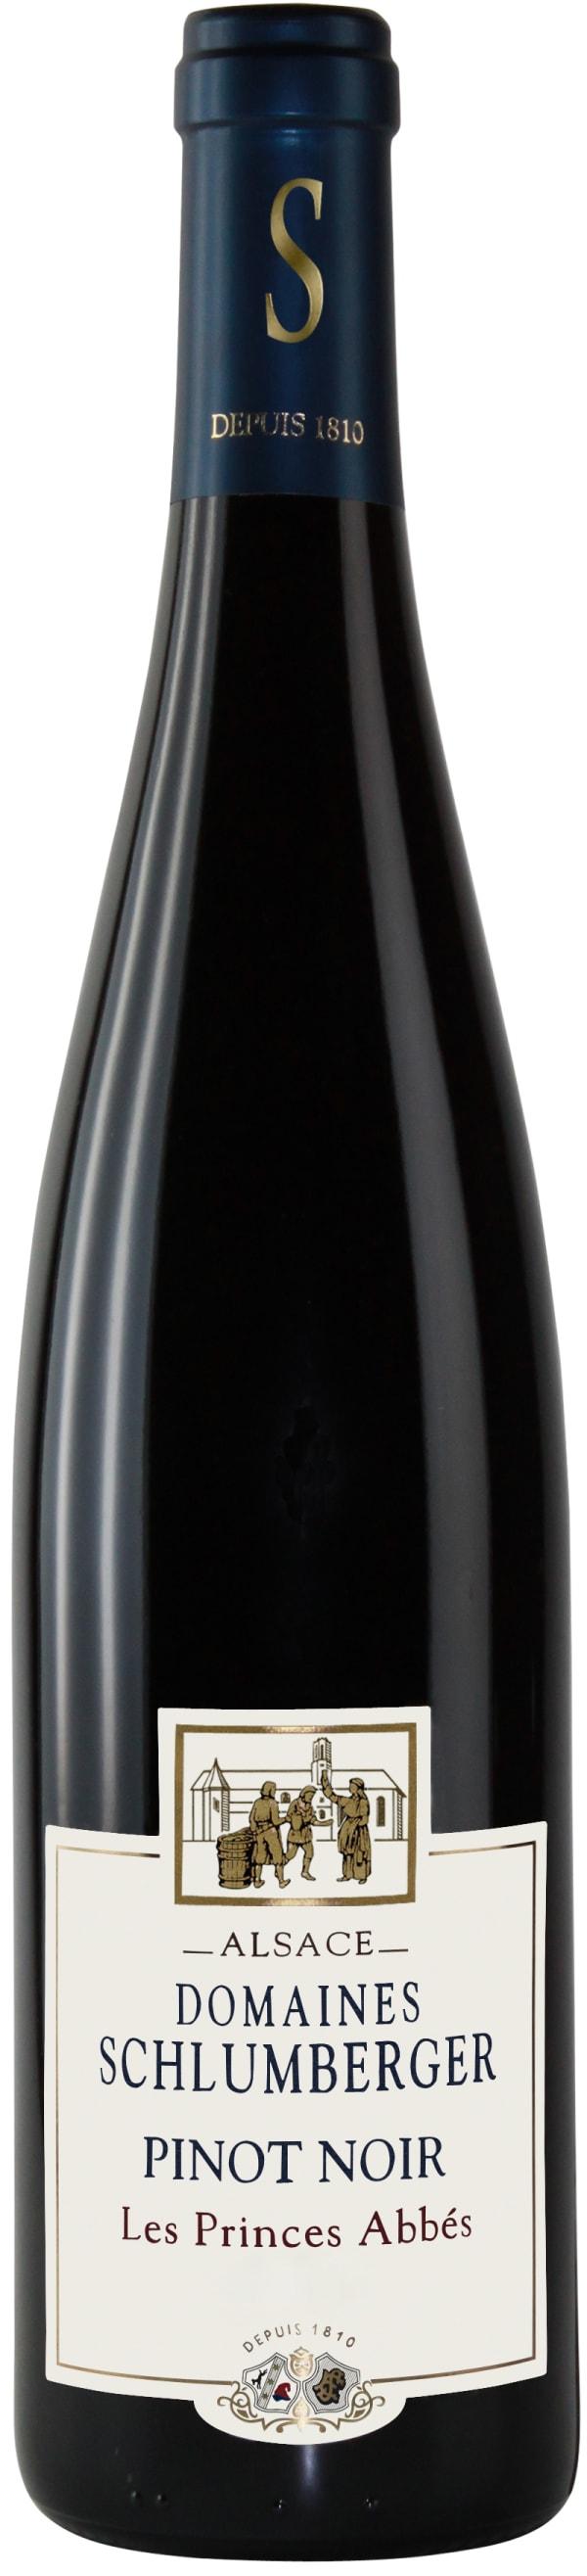 Domaines Schlumberger Les Princes Abbés Pinot Noir 2013